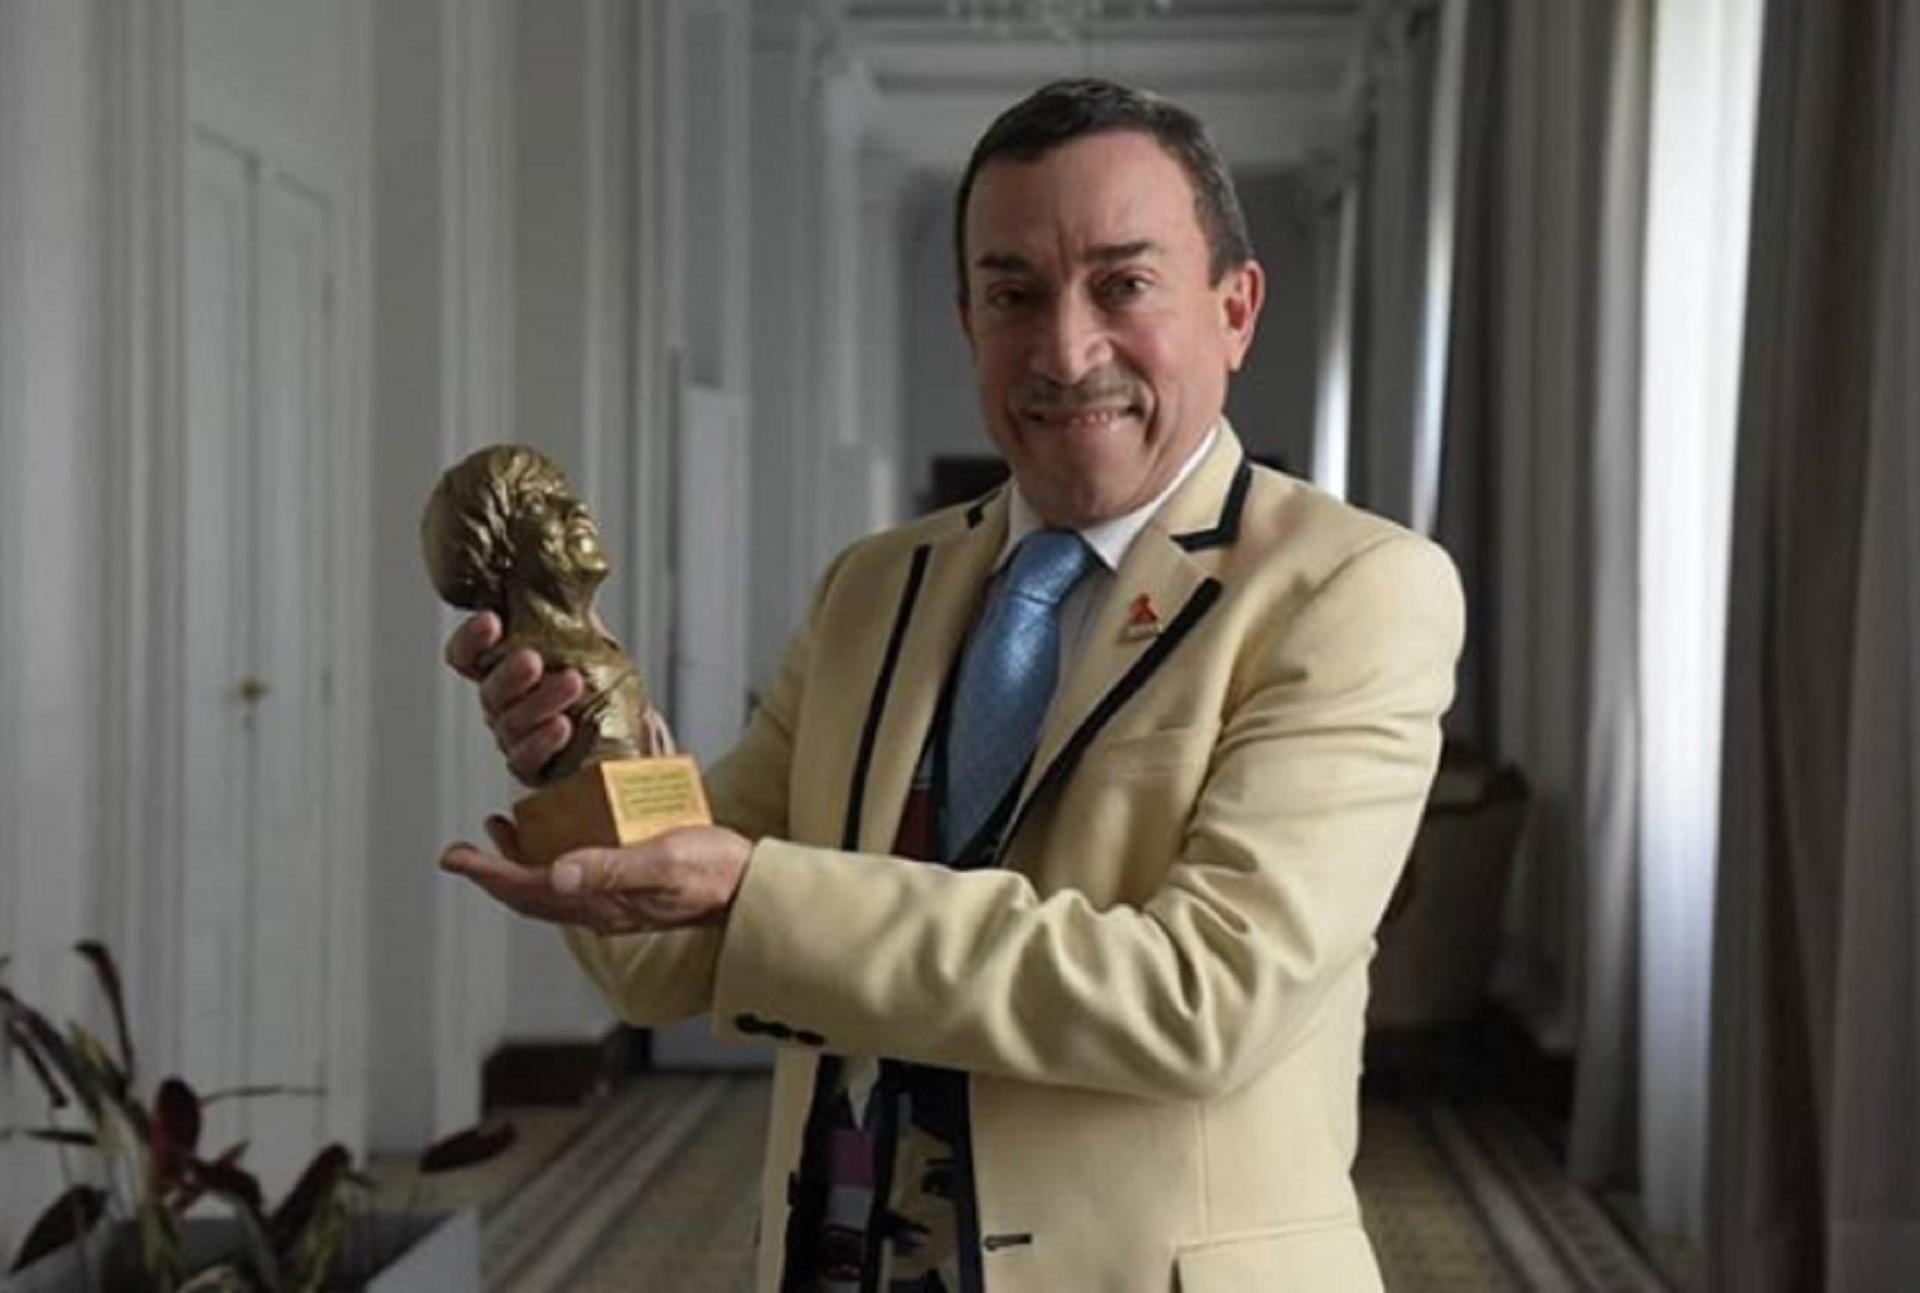 El coreógrafo agradeció el premio que recibió en la Cámara de Diputados de la Provincia de Buenos Aires